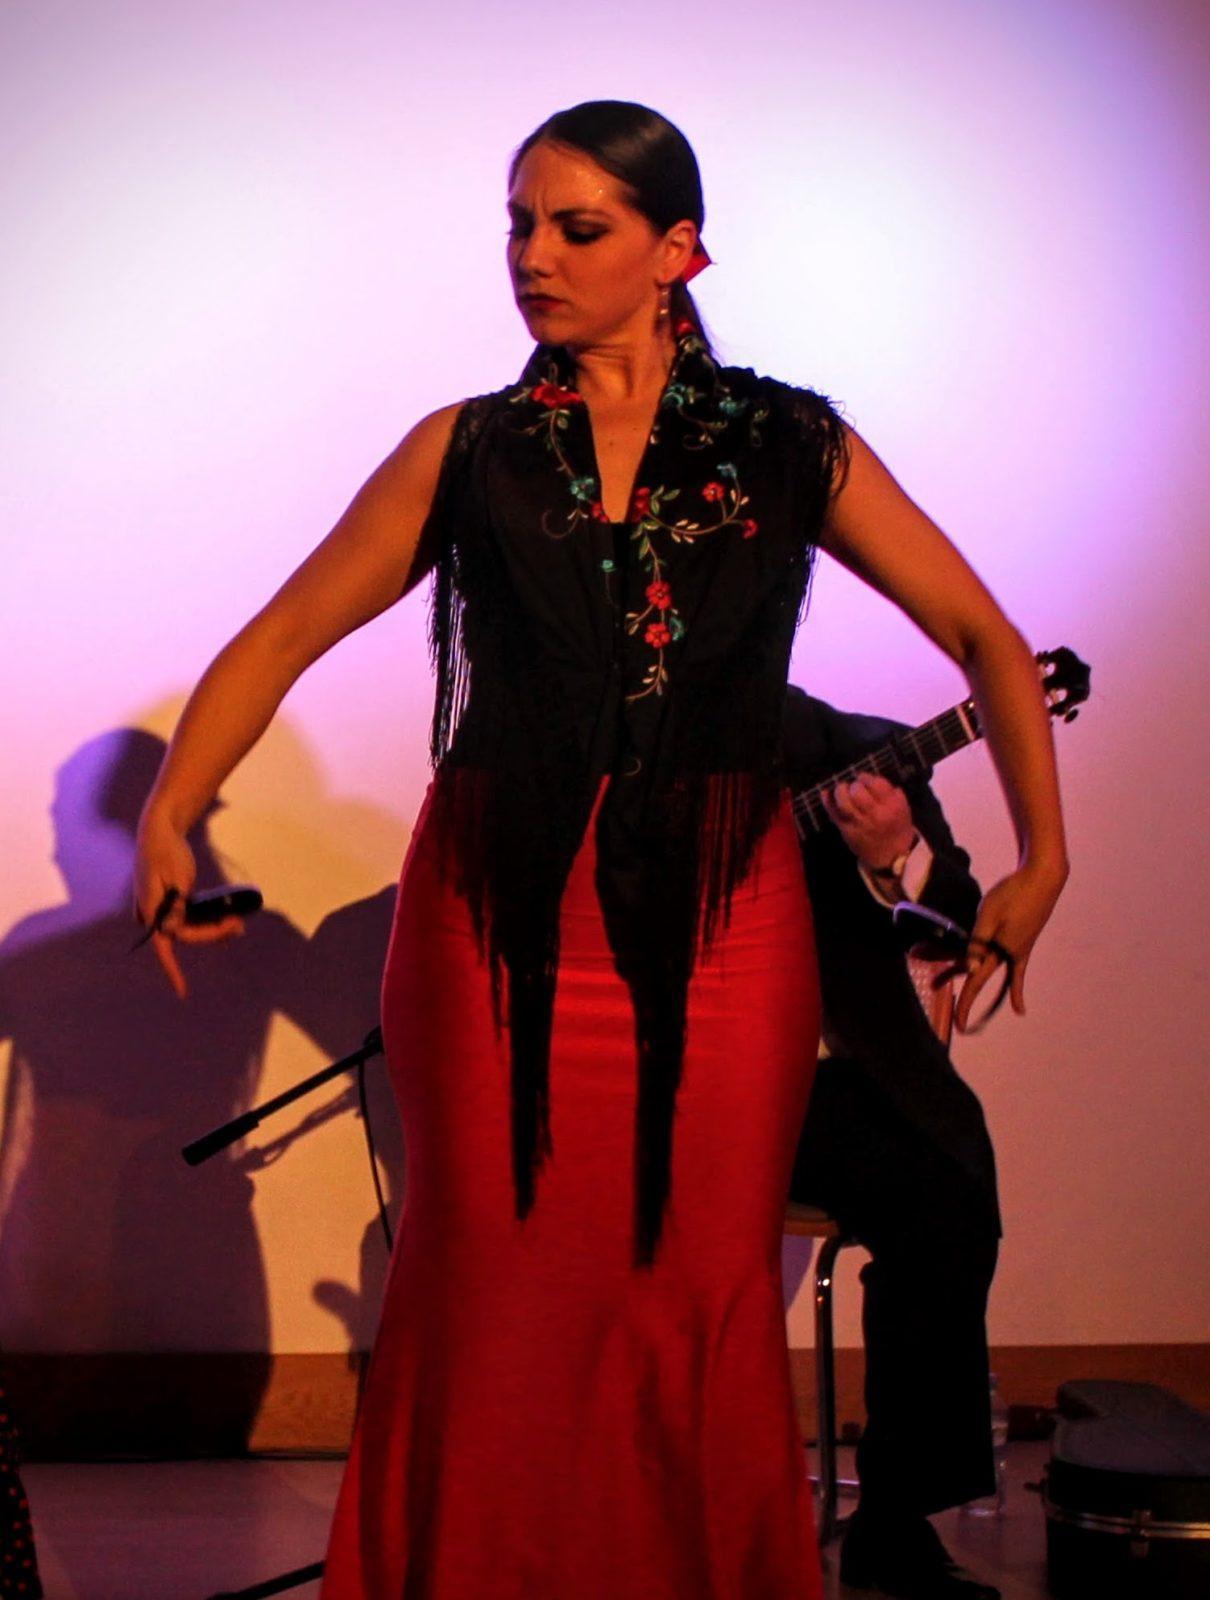 Flamenco castanet dance